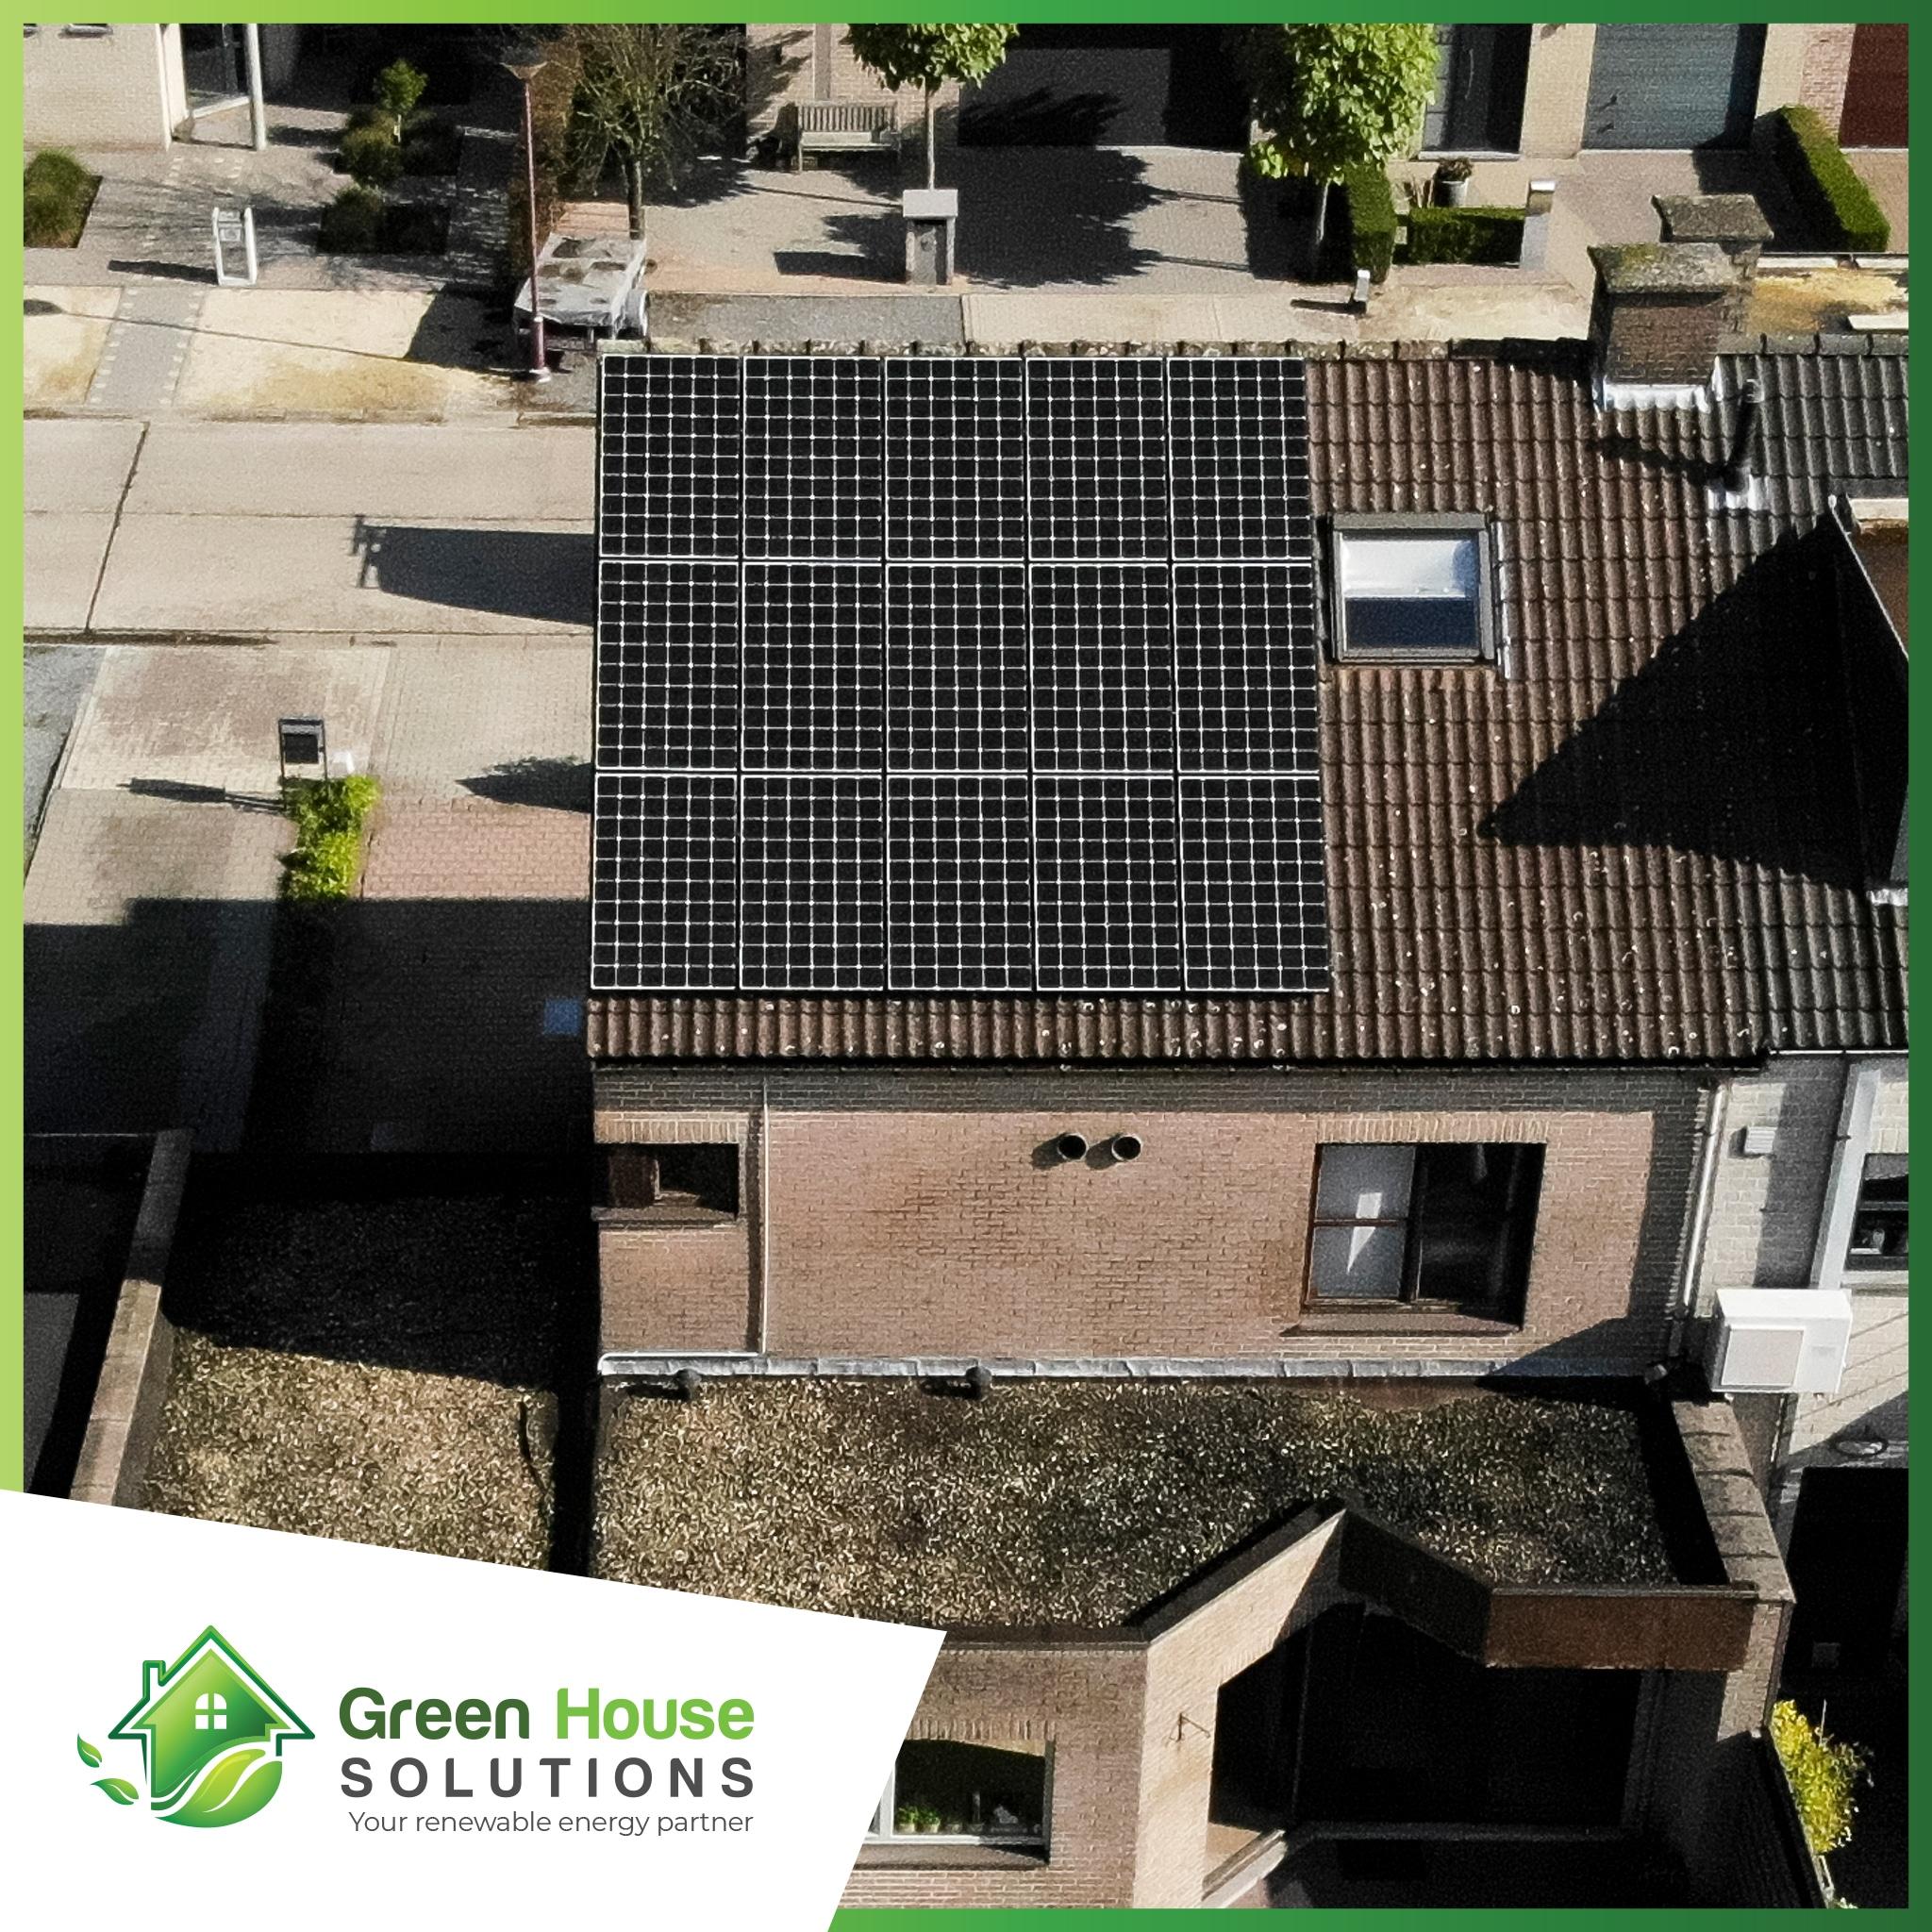 Green House Solutions zonnepanelen plaatsen installeren of kopen 00024